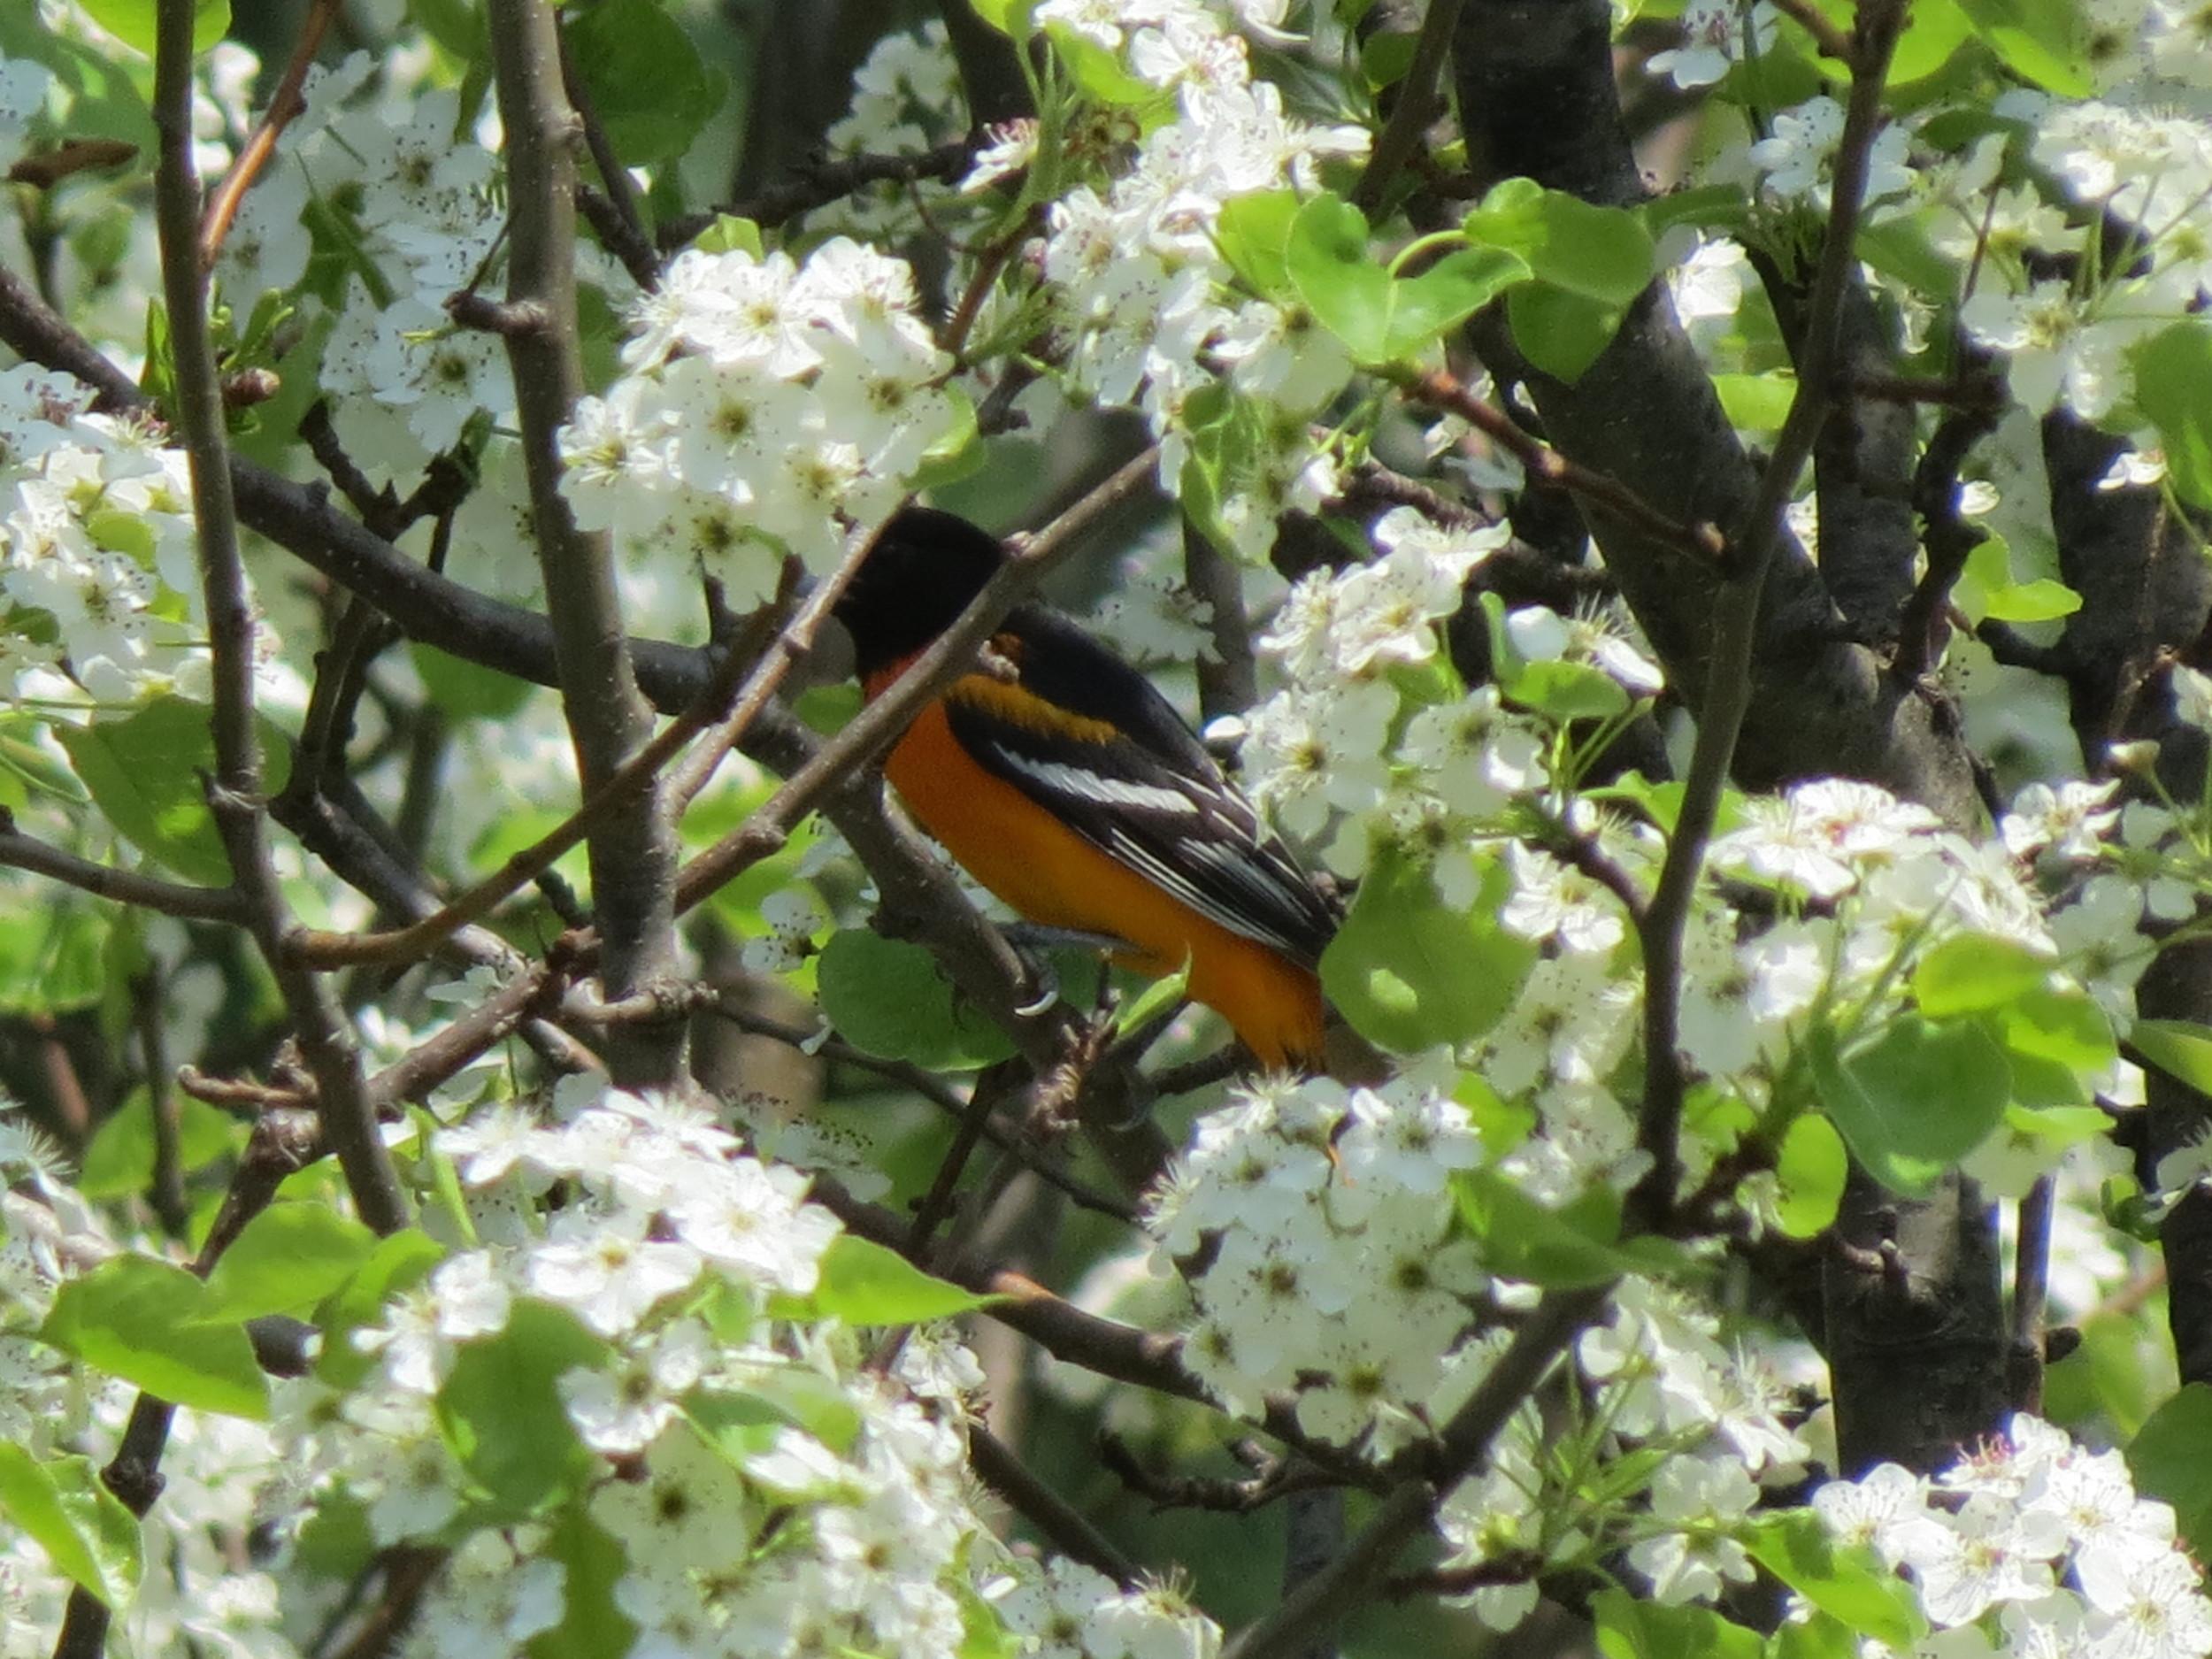 Baltimore Oriole in the ornamental Bradford Pear tree 2015